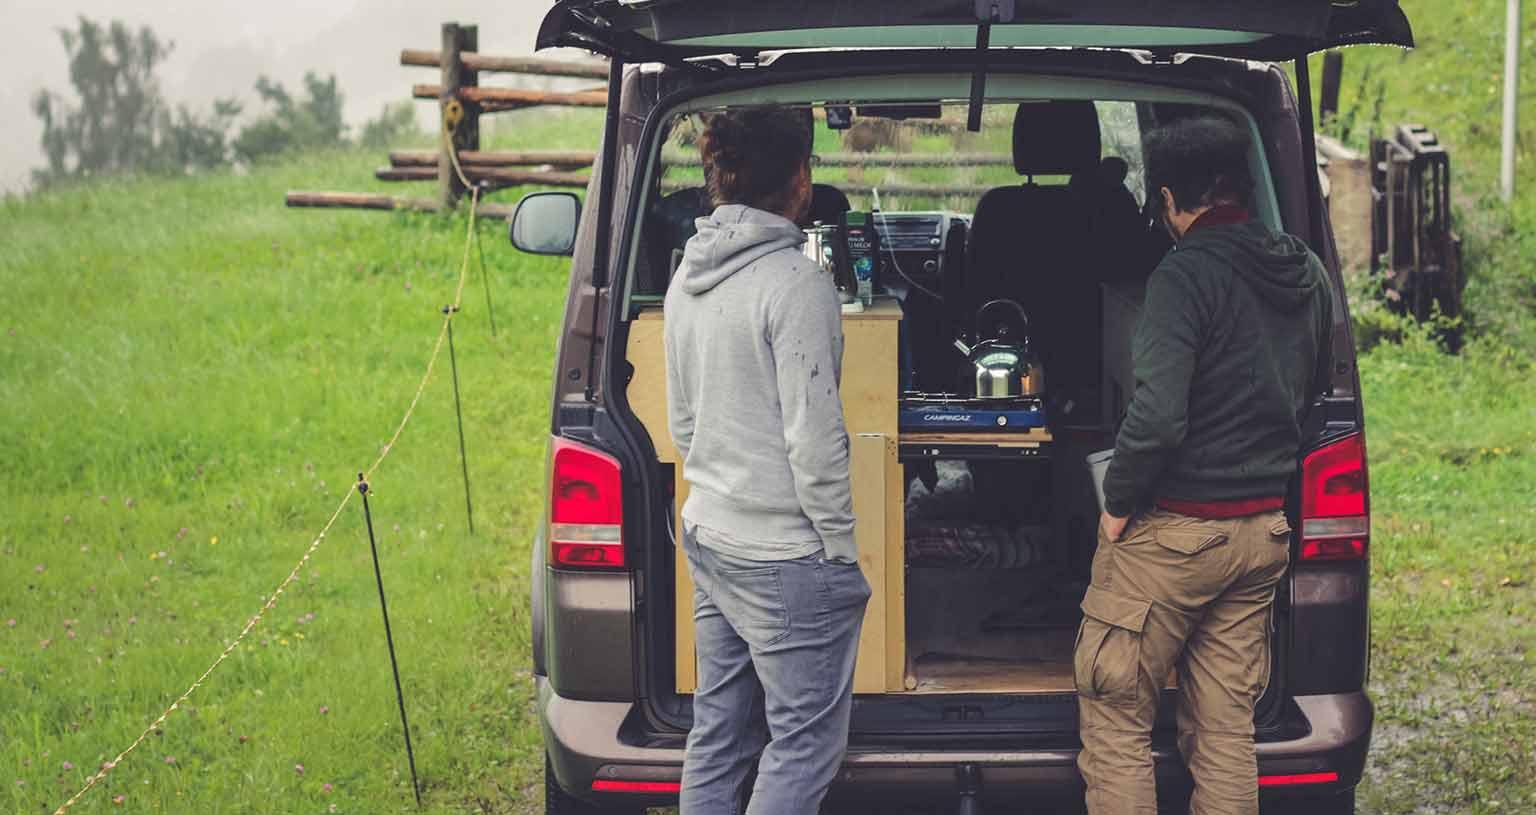 campingbox-QUQUQ-camperausbau-modulare-loesung